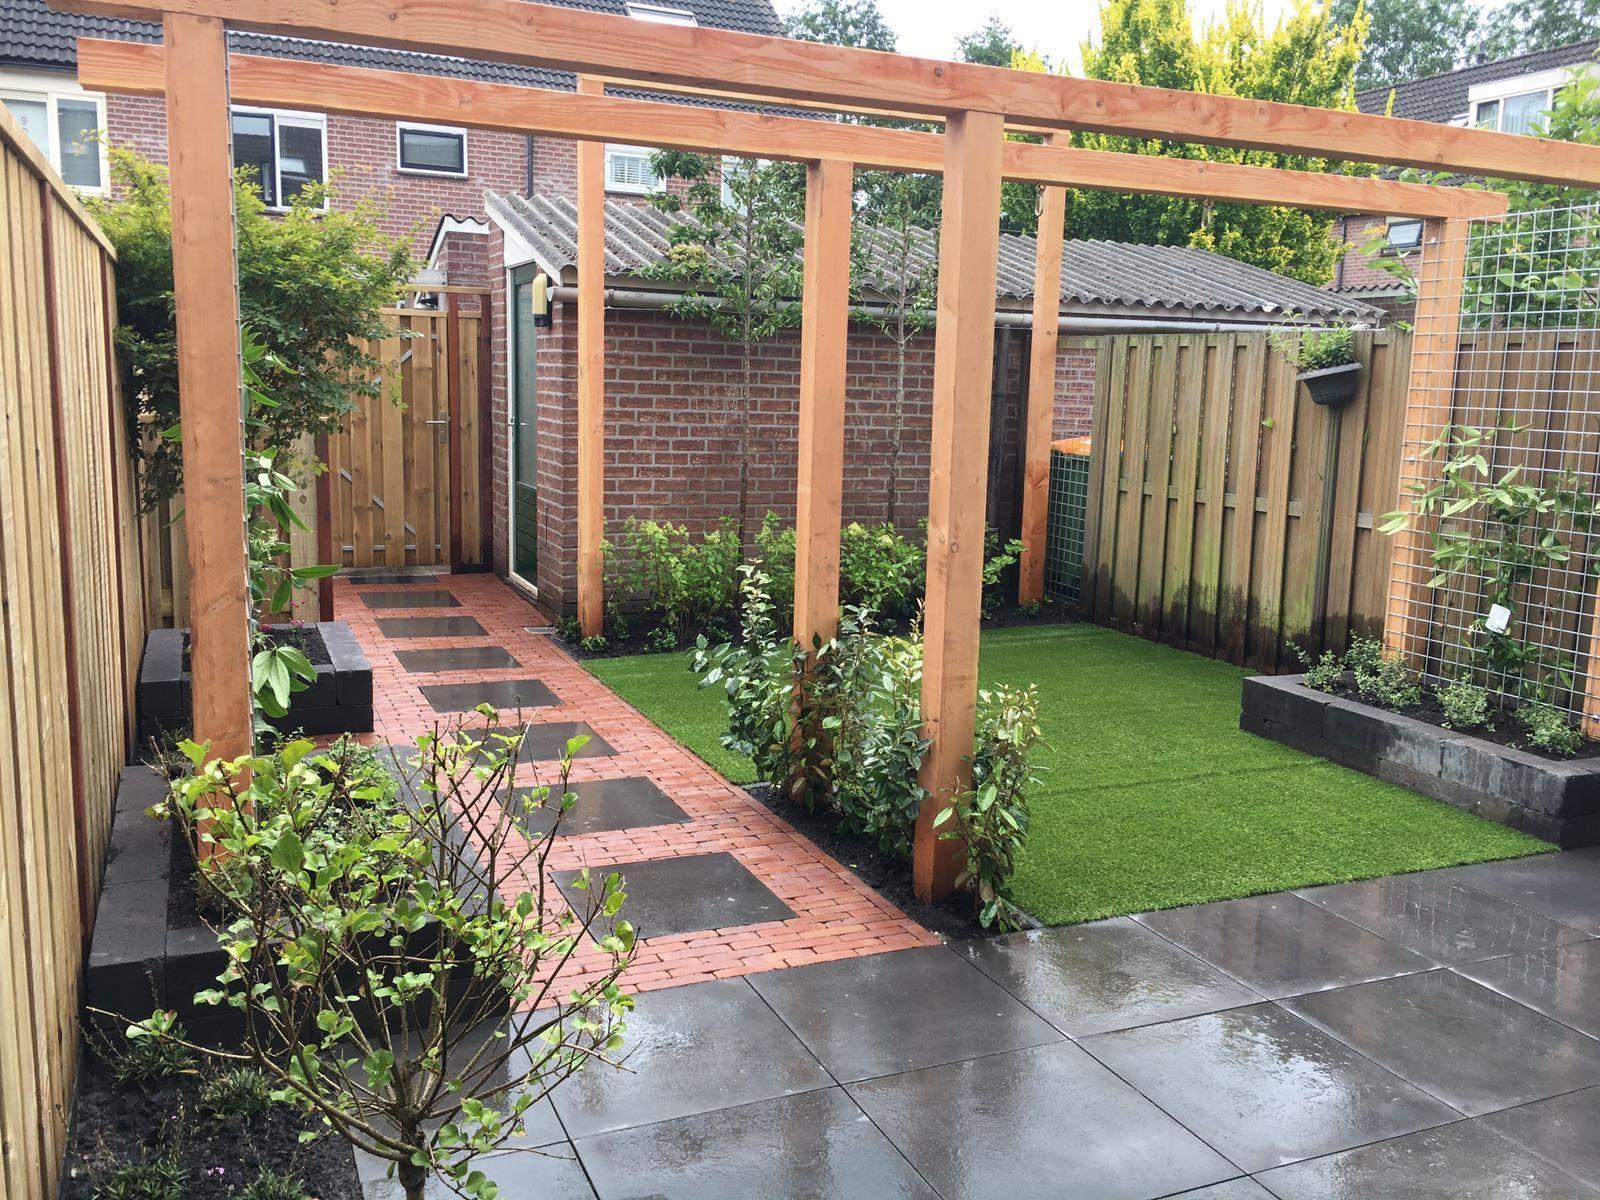 Kindvriendelijke achtertuin veenendaal hoveniersbedrijf for Kindvriendelijke tuin ontwerpen